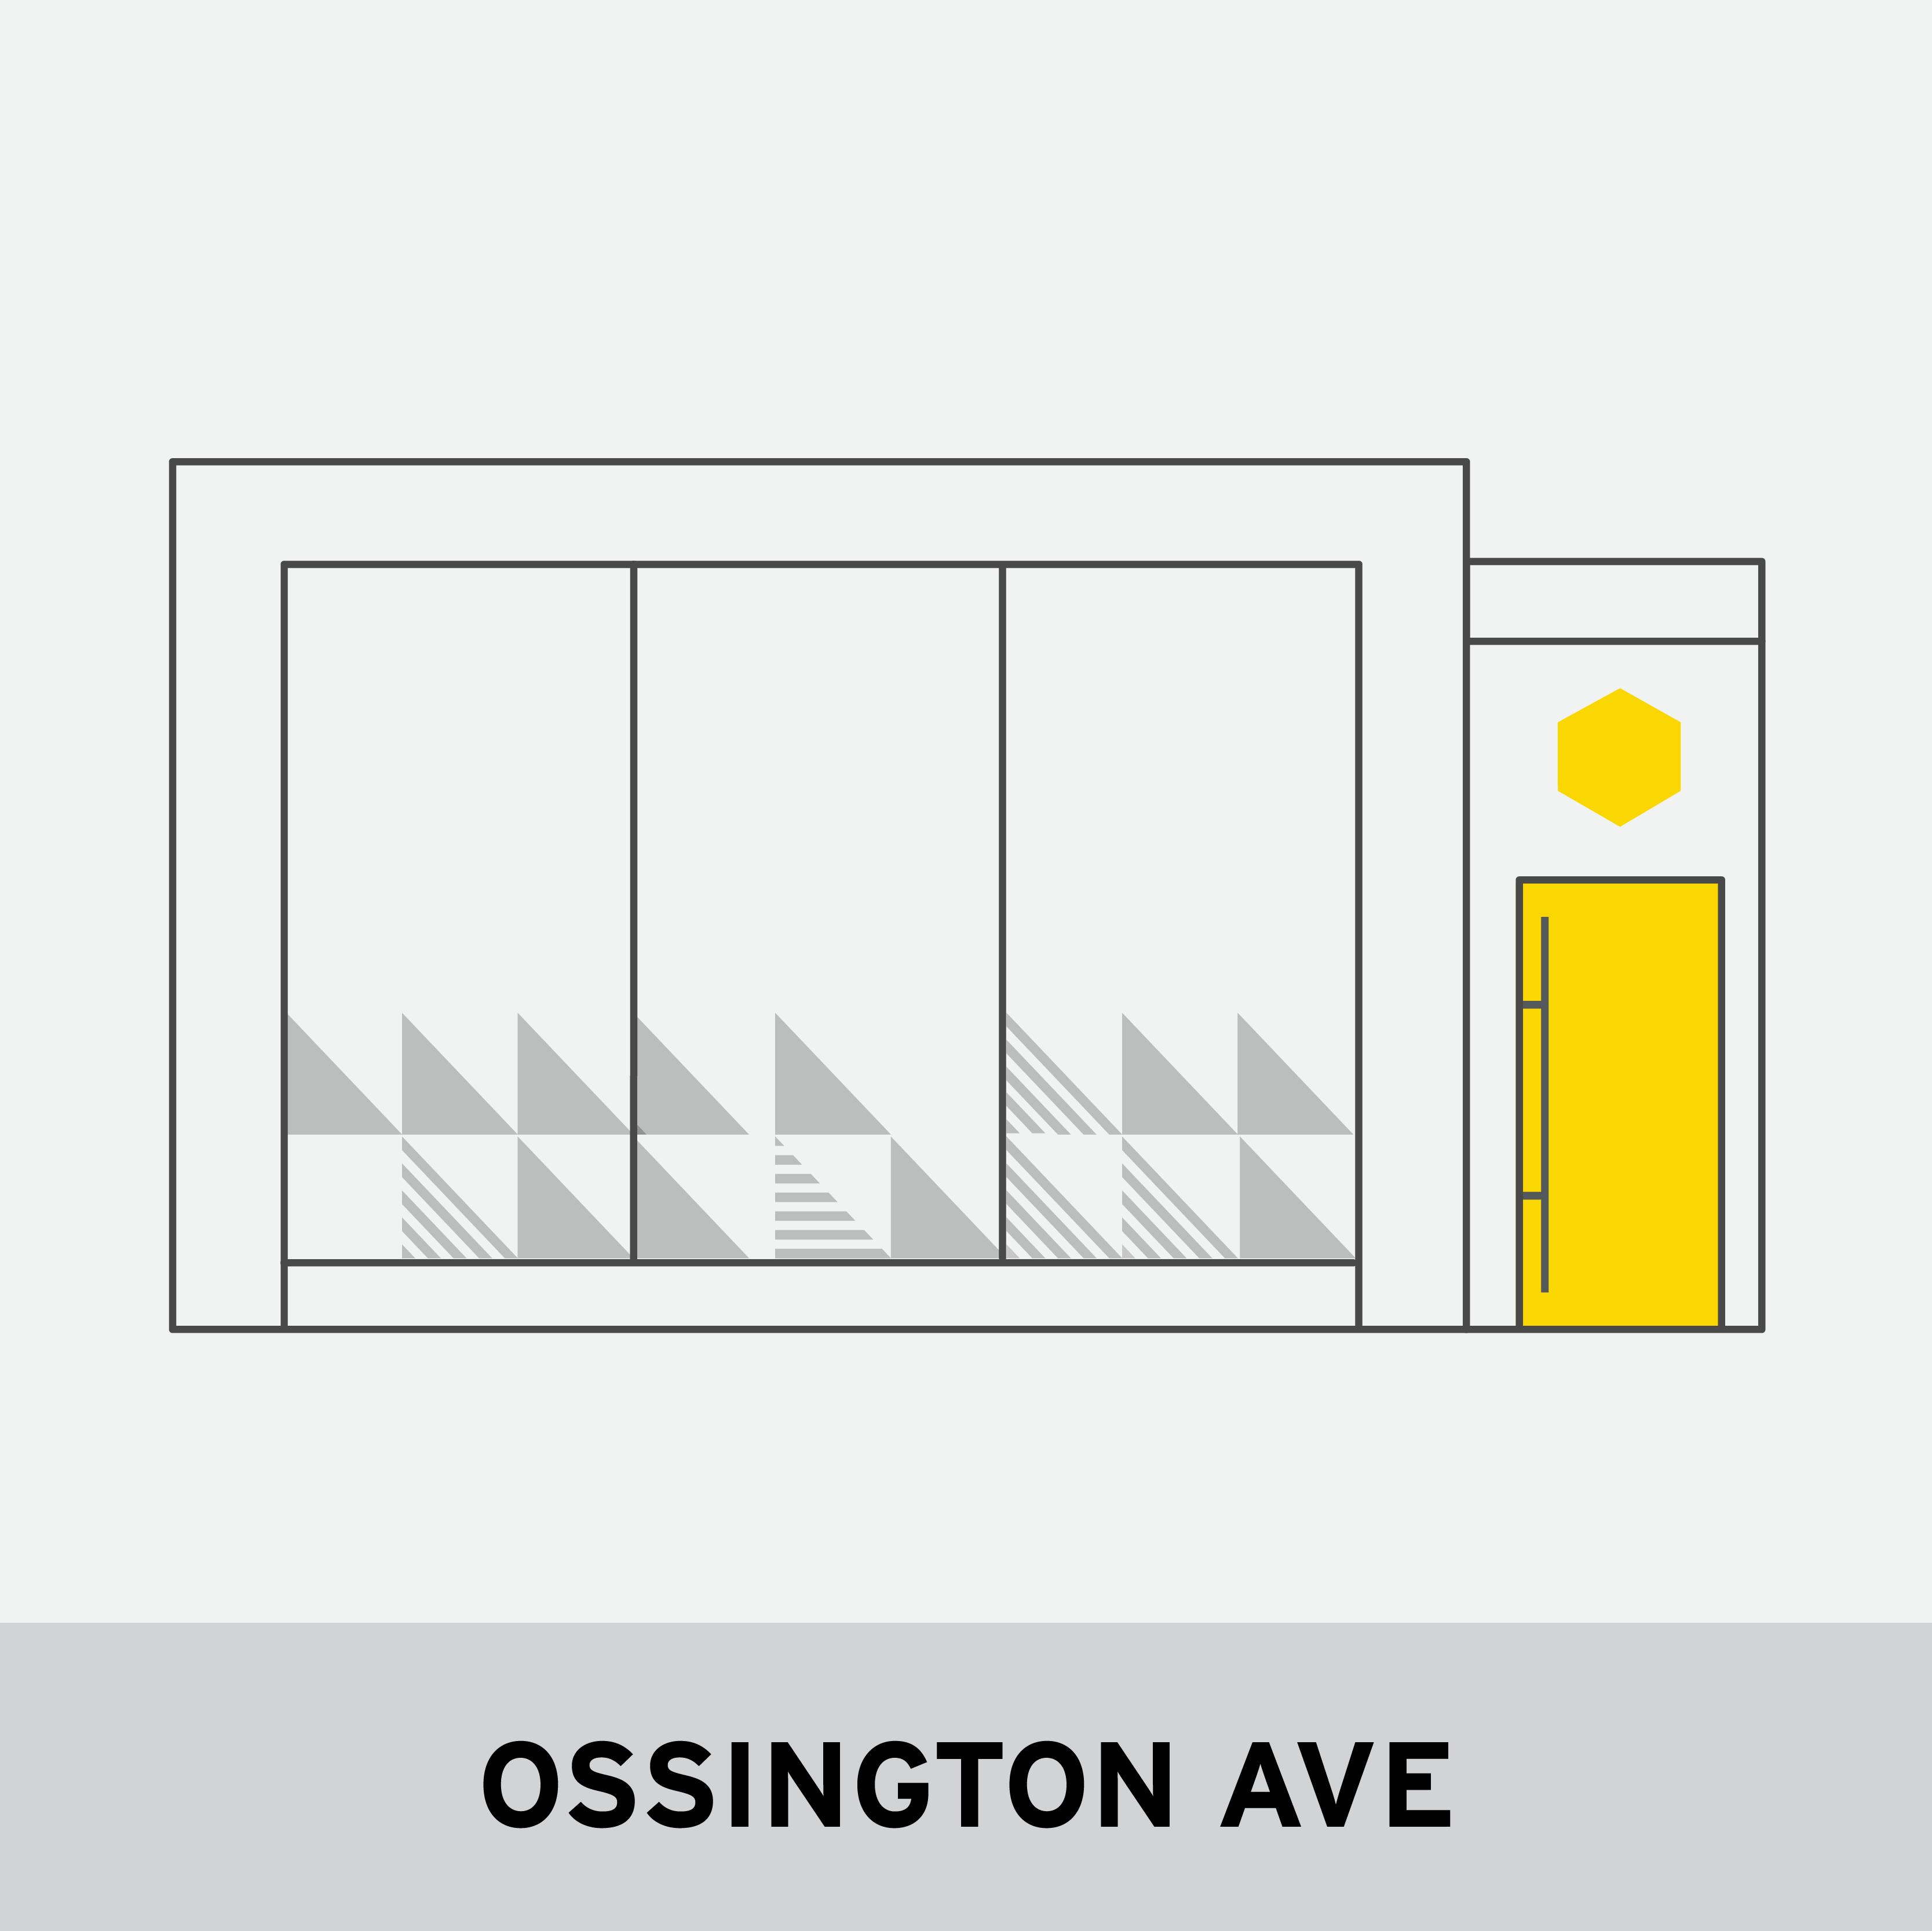 OSSINGTON AVE.